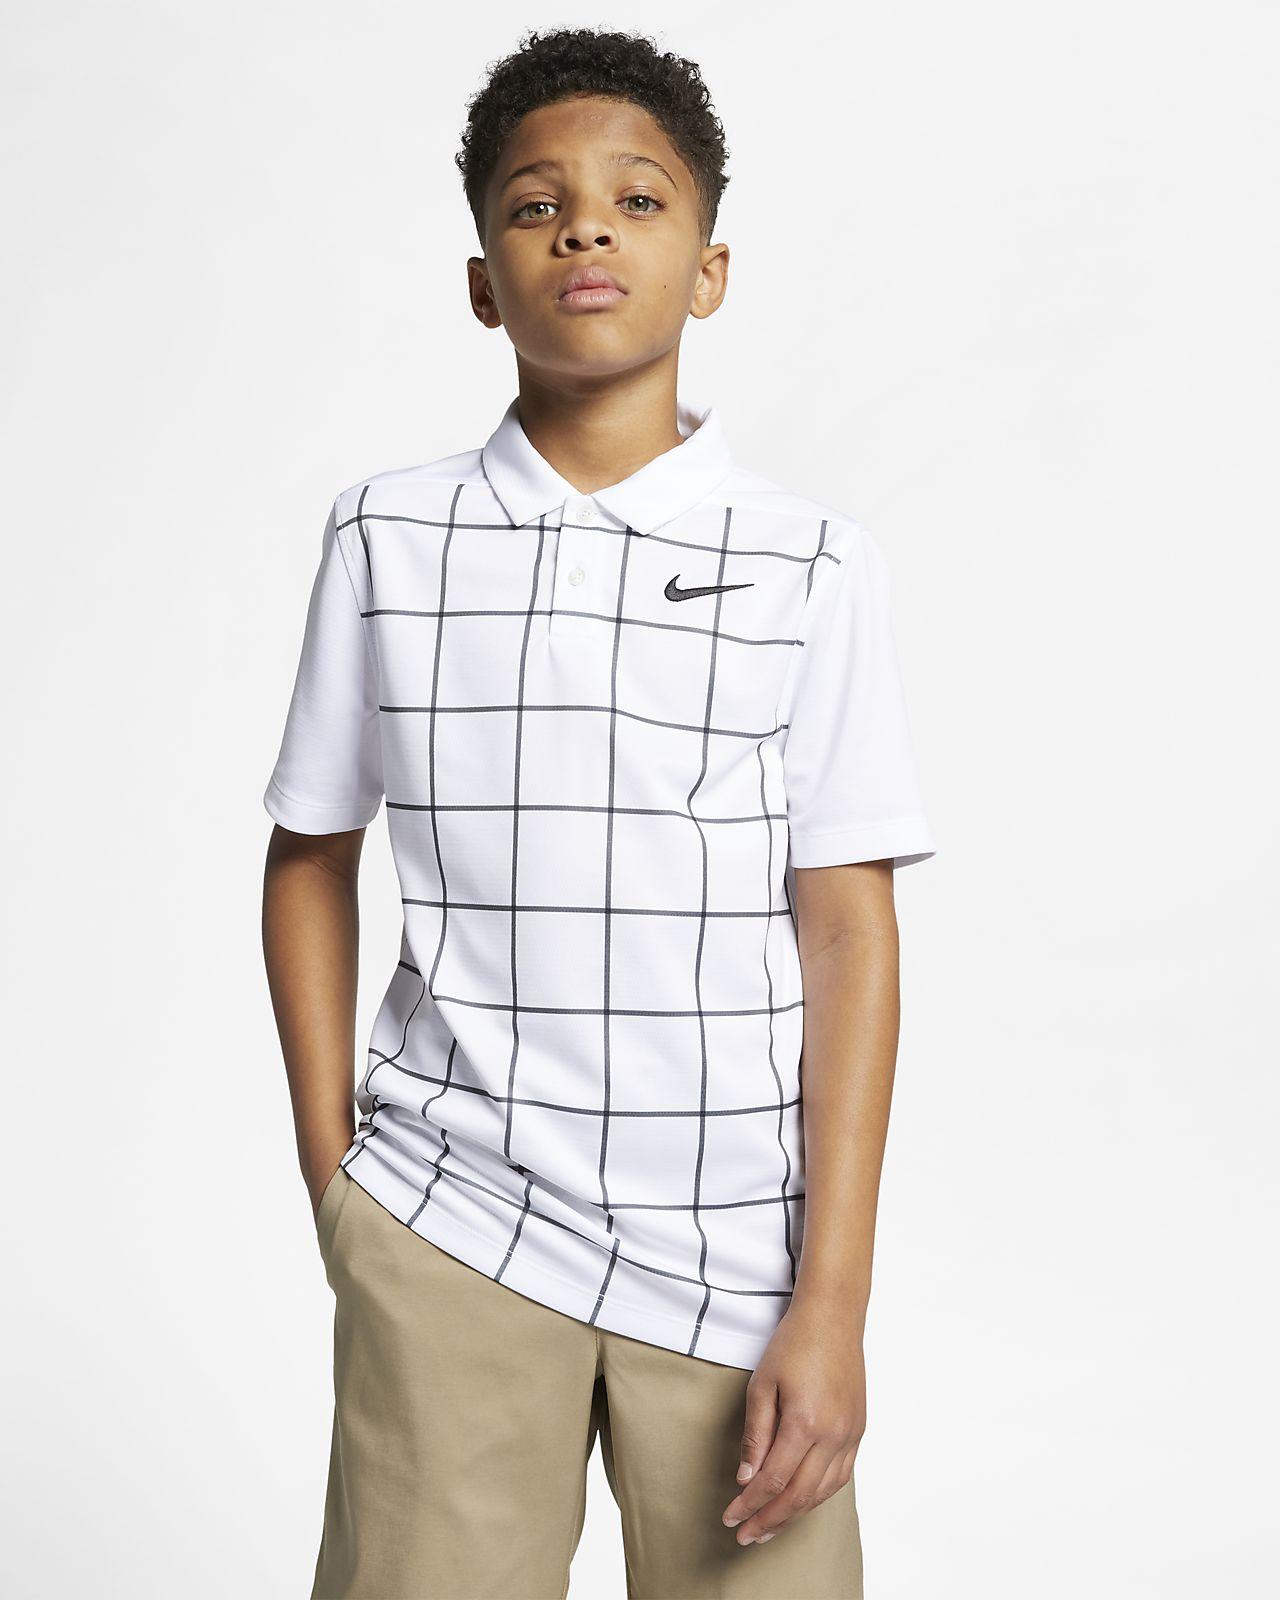 Рубашка-поло для гольфа с принтом для мальчиков школьного возраста Nike Dri-FIT